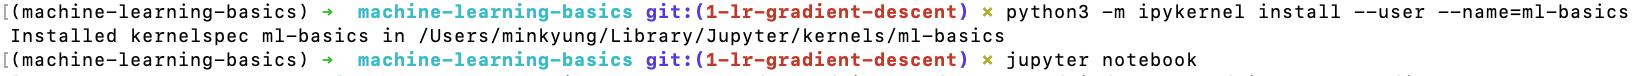 install_ipykernel_pipenv